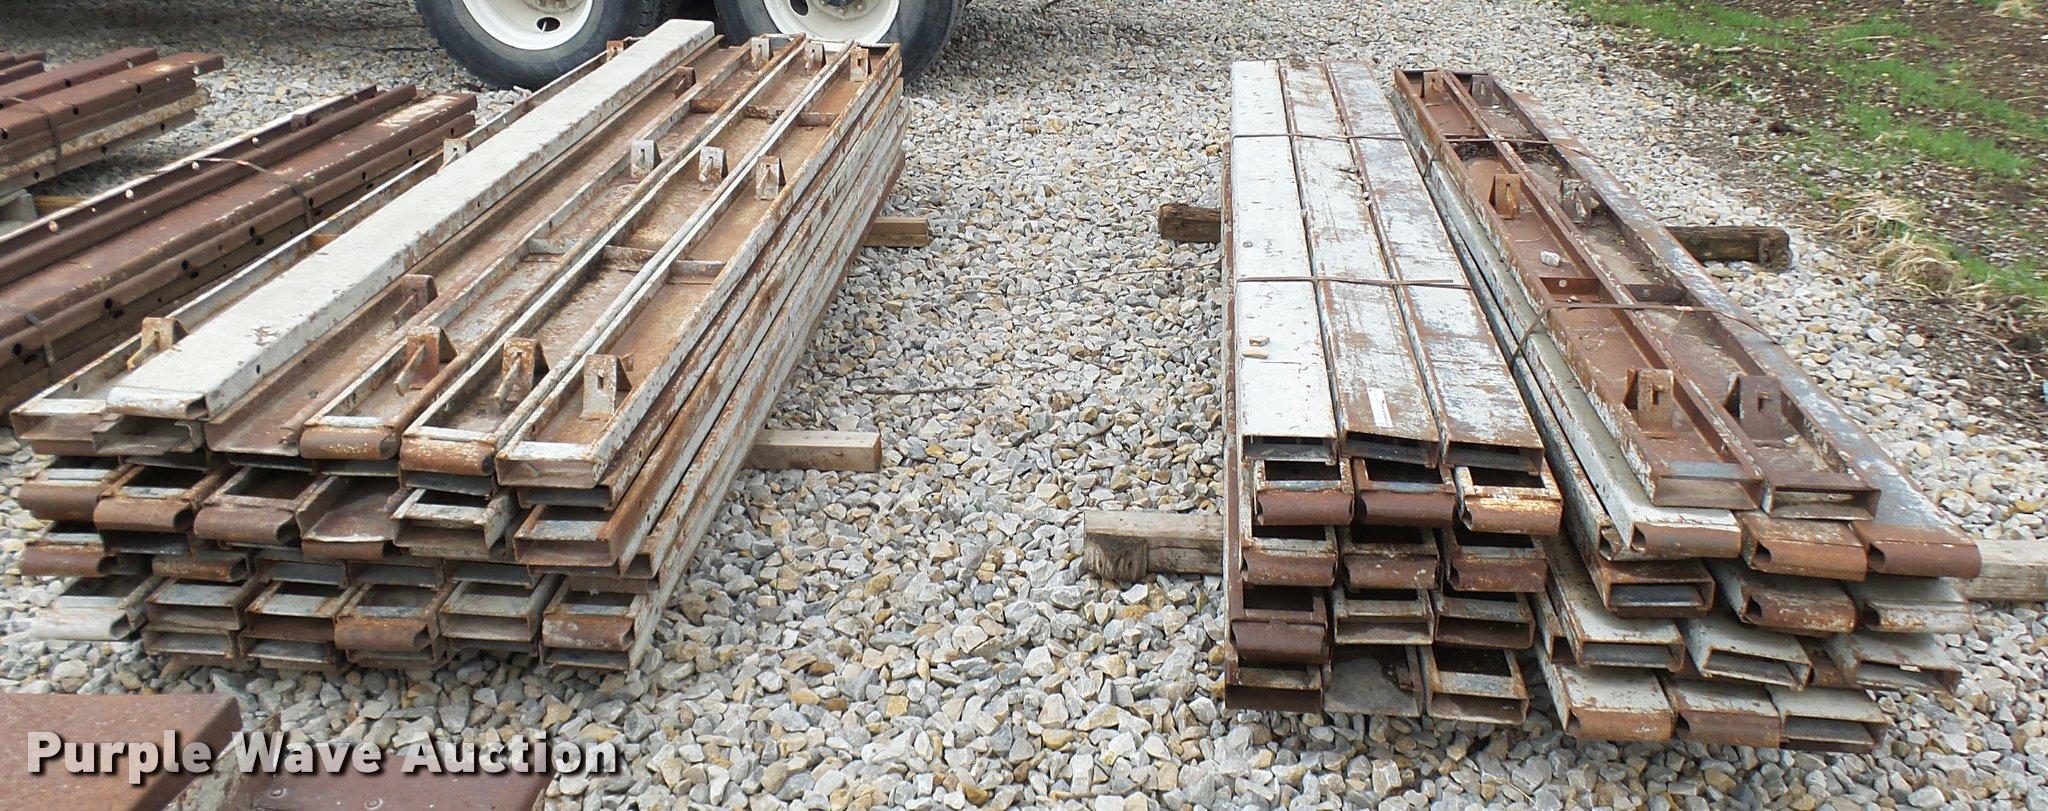 Concrete Forms For Sale >> 100 Steel Concrete Forms Item Cc9126 Sold April 27 Co